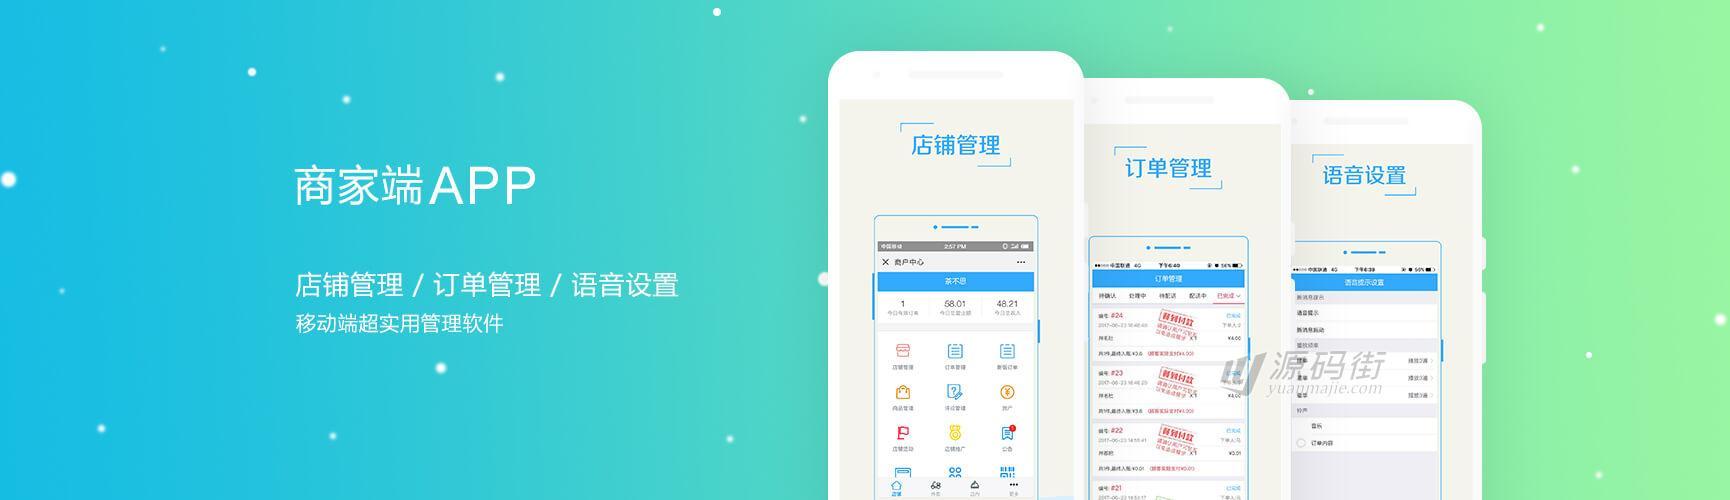 啦啦外卖餐饮跑腿小程序v 30.5.0完整版+多端前端+App+全插件-2